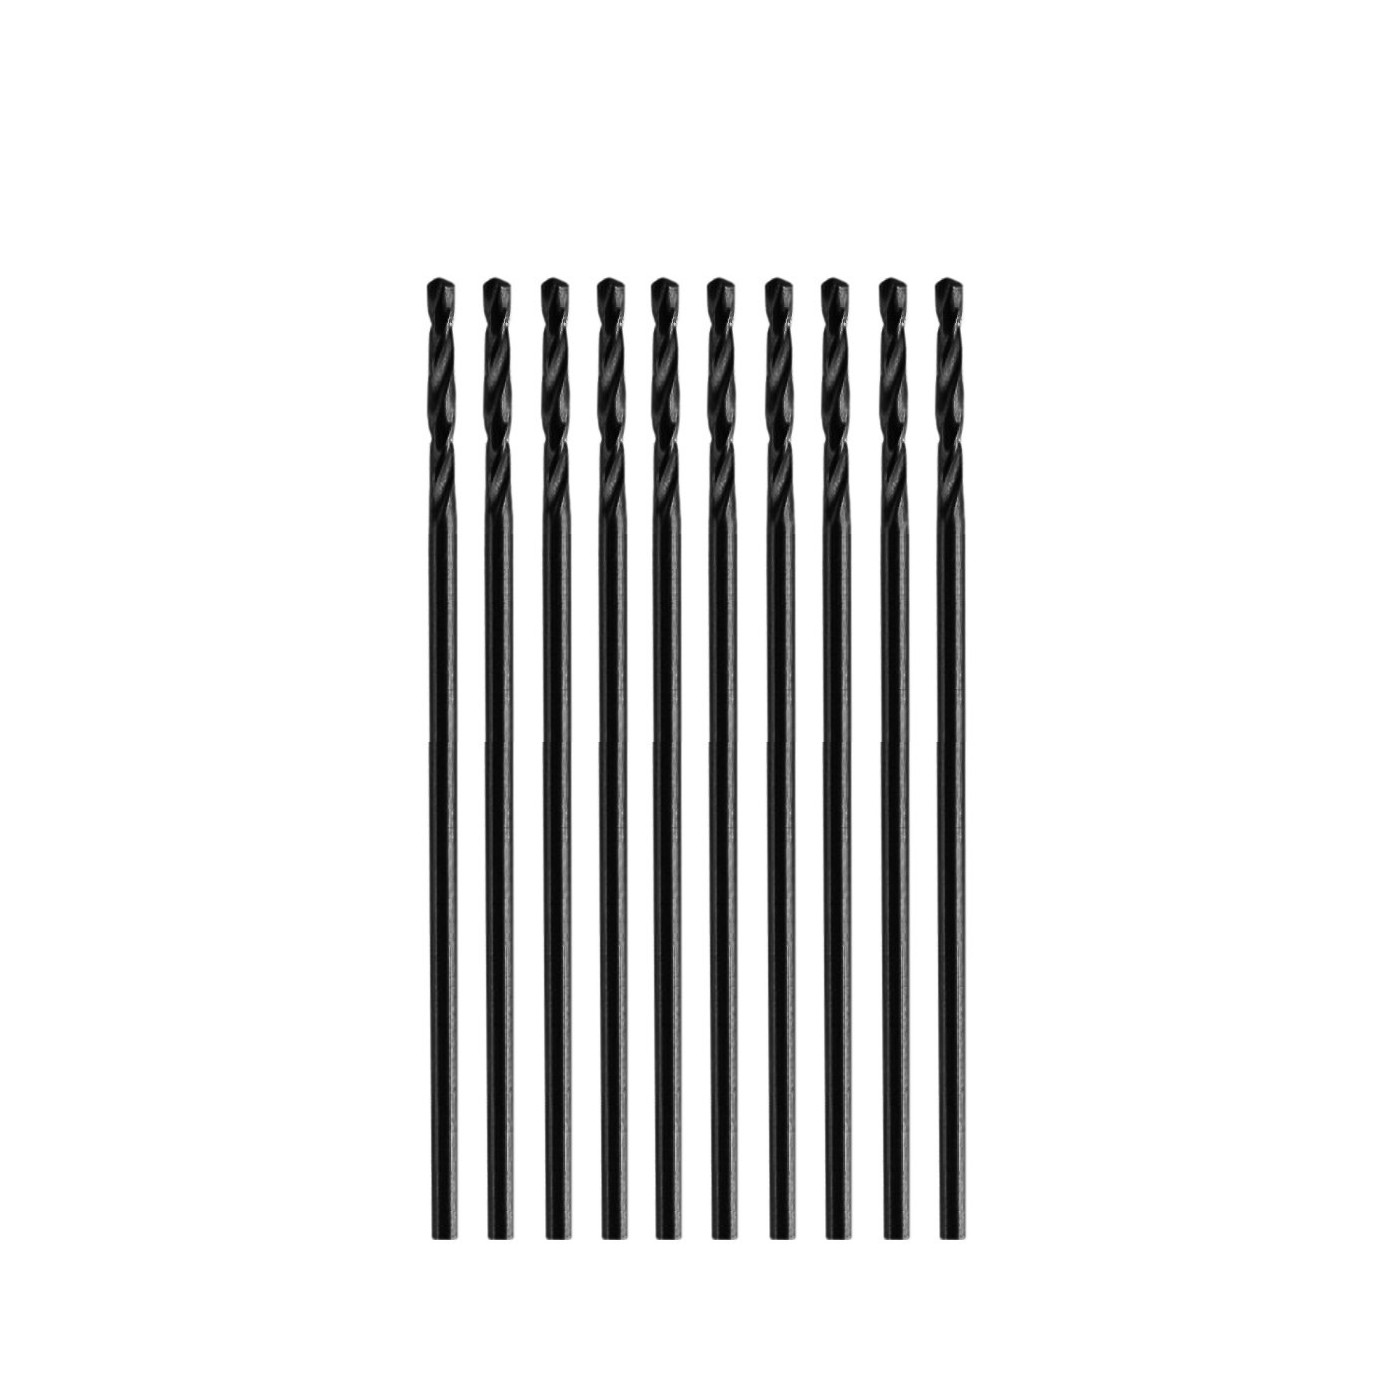 Jeu de 10 petits forets métalliques (0,5x20 mm, HSS)